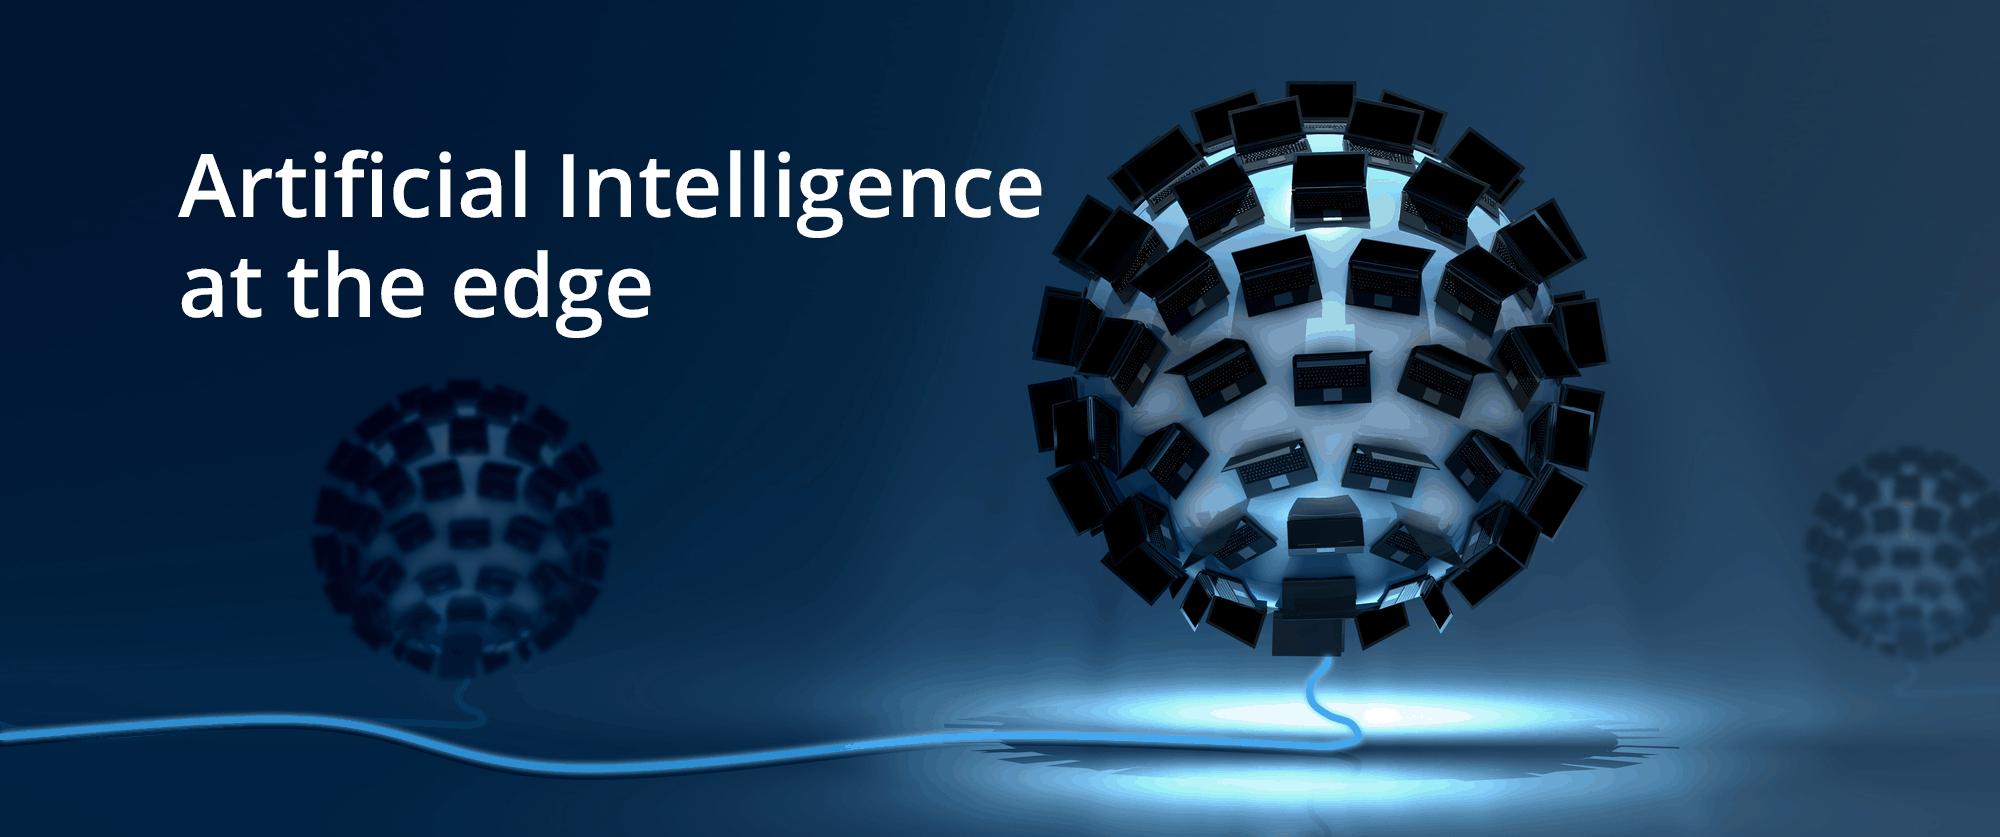 AI at the edge2